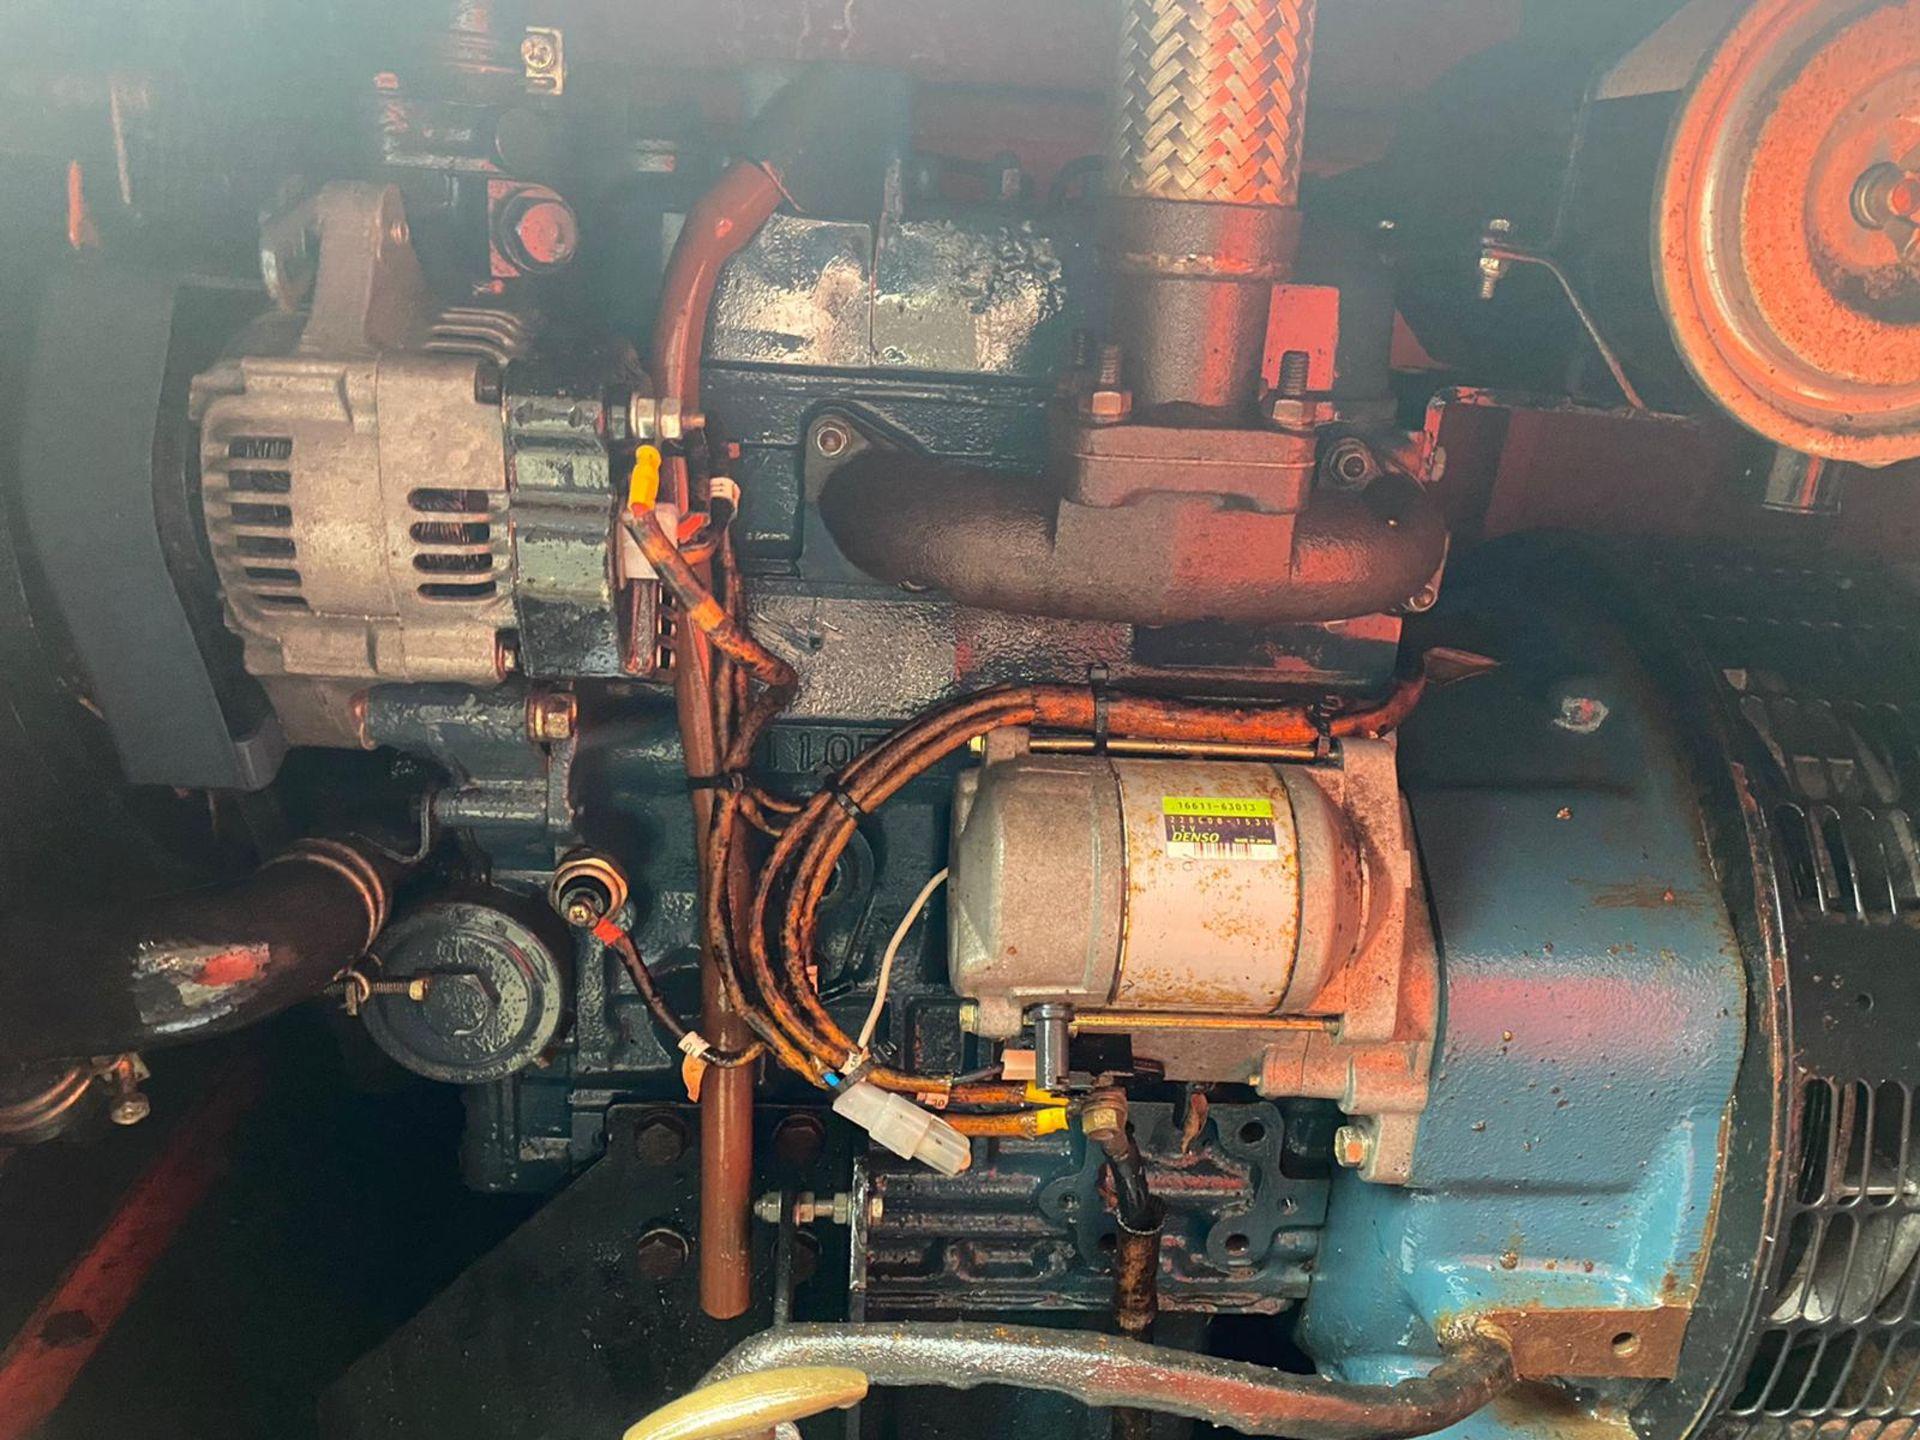 VT1 TOWERLIGHT TOWABLE 10KVA, KUBOTA D1105 ENGINE, 240V 10KVA *PLUS VAT* - Image 4 of 4